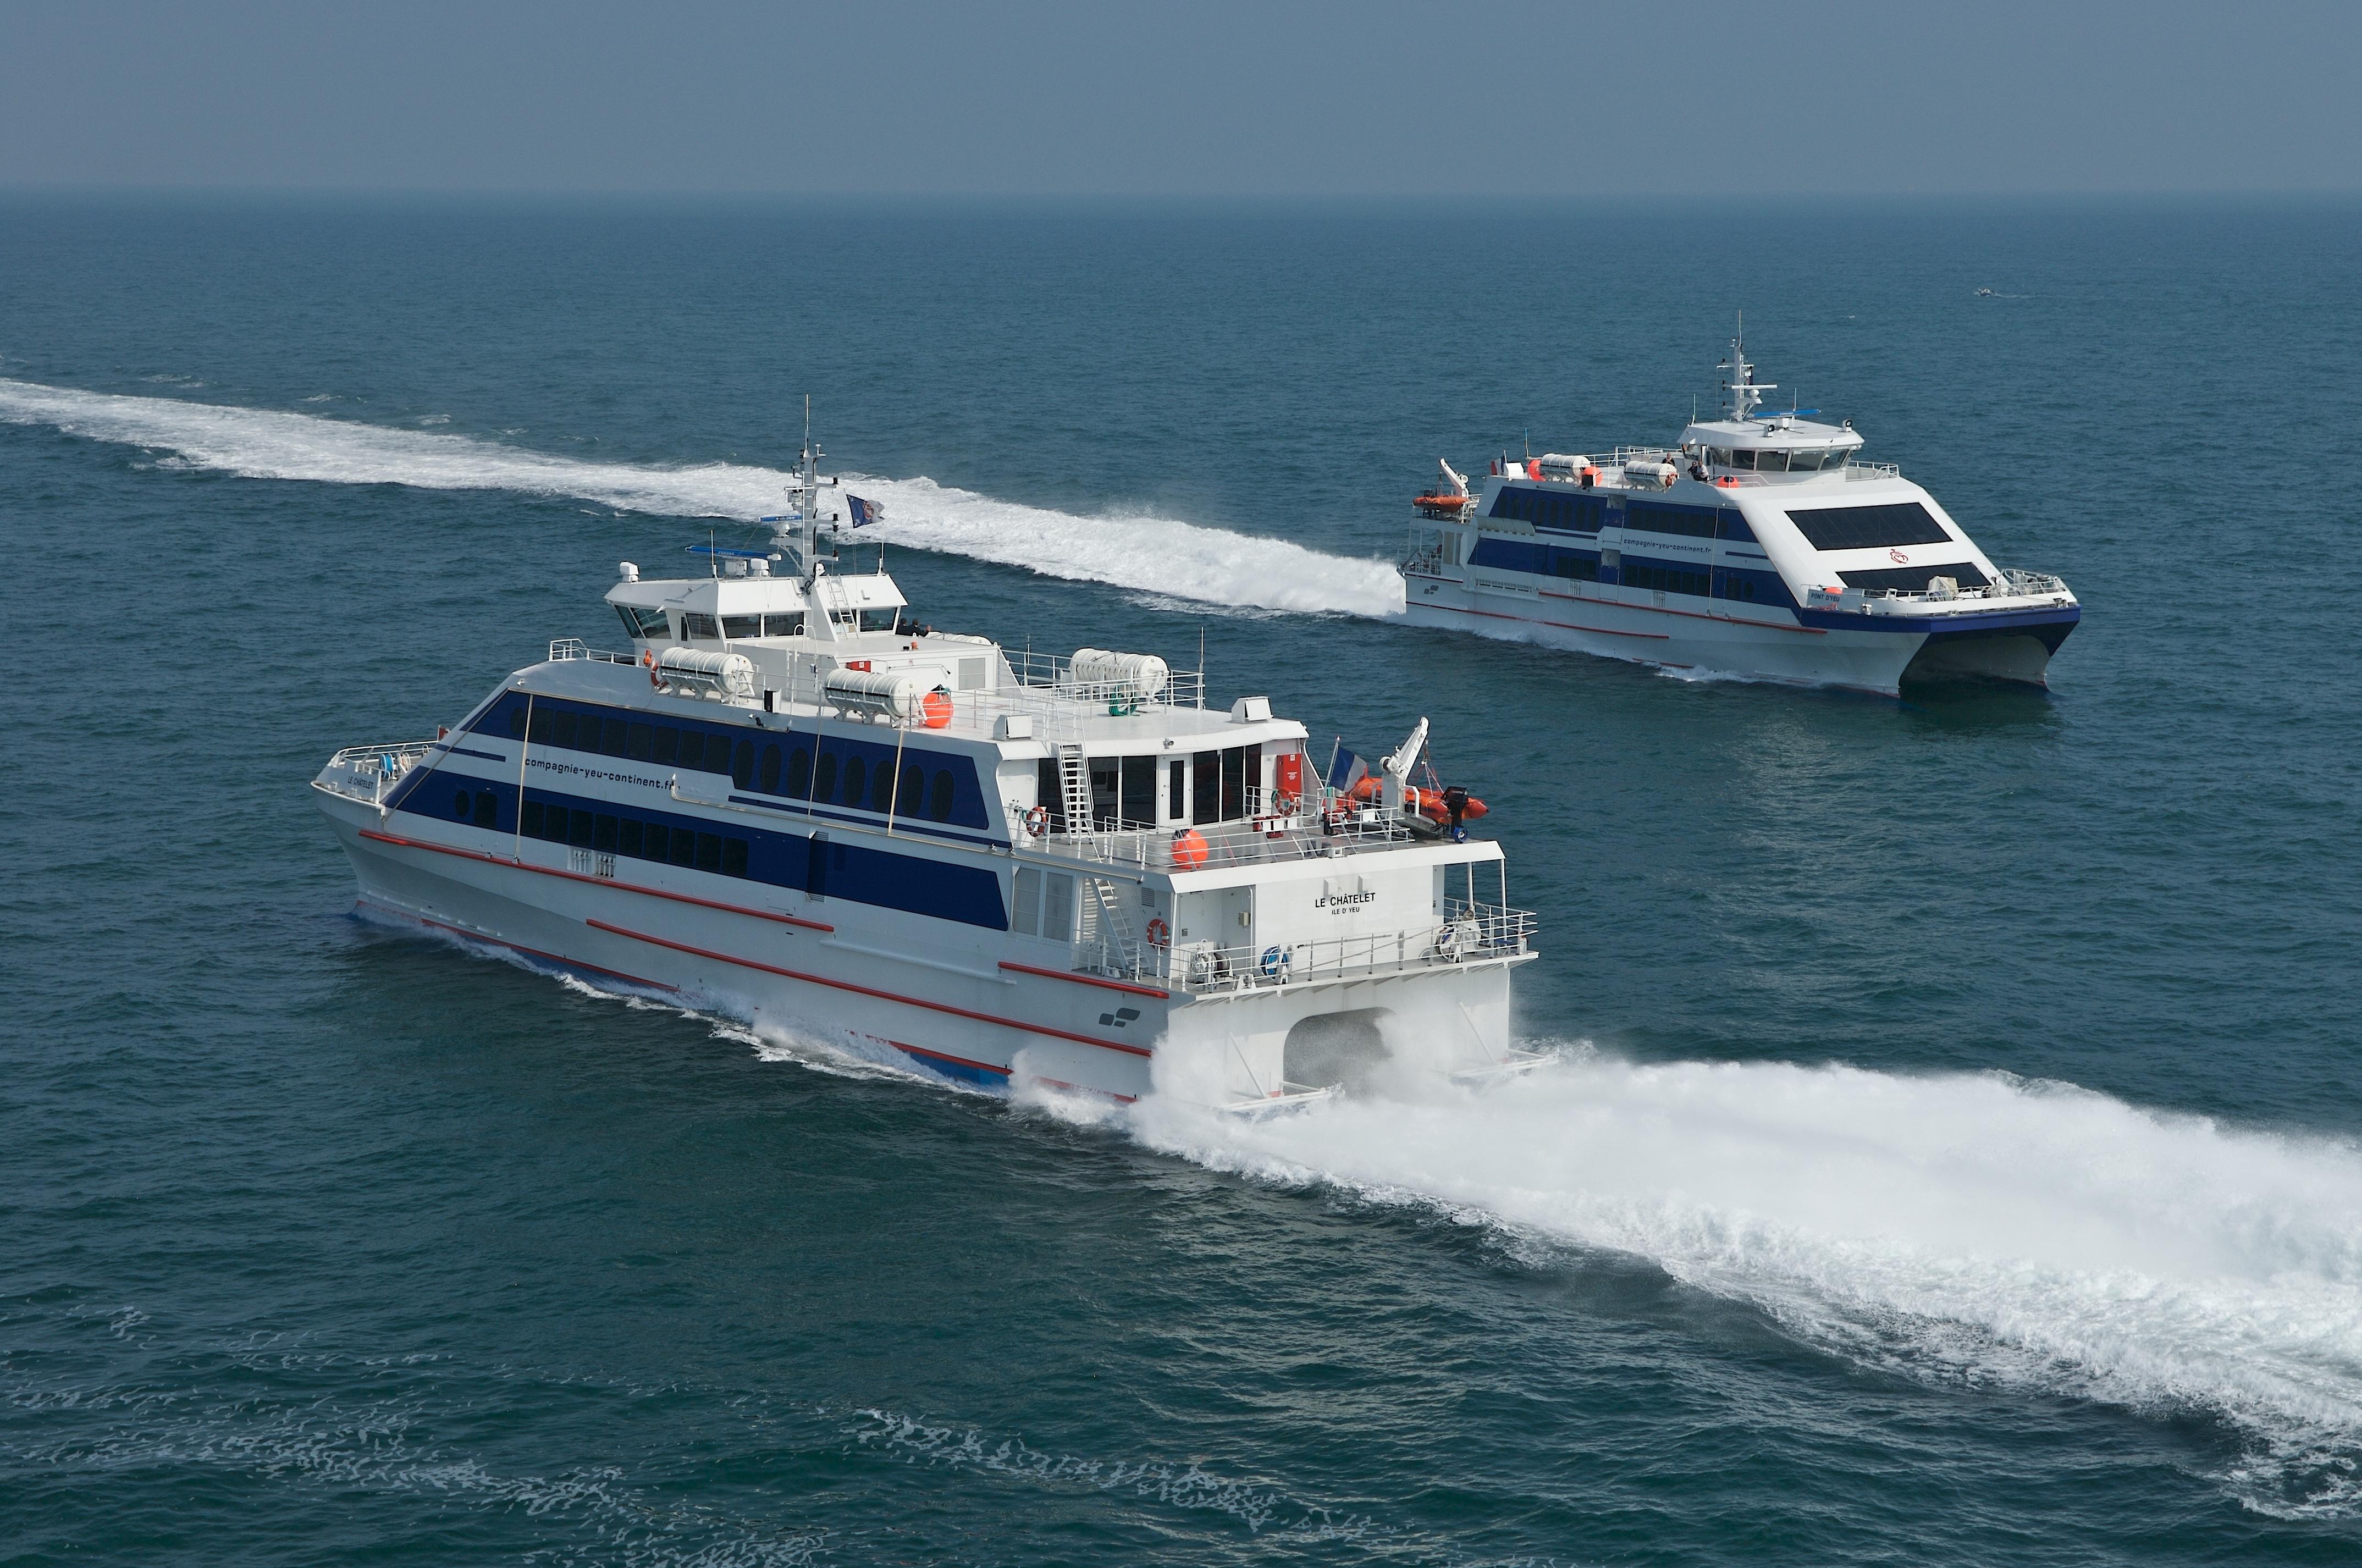 """Navires """"Le Chatelet"""" et le """"Pont d'Yeu"""" de la Cie Yeu Continent à L'Ile d'Yeu - Crédit Photo : ©Yeu Continent"""